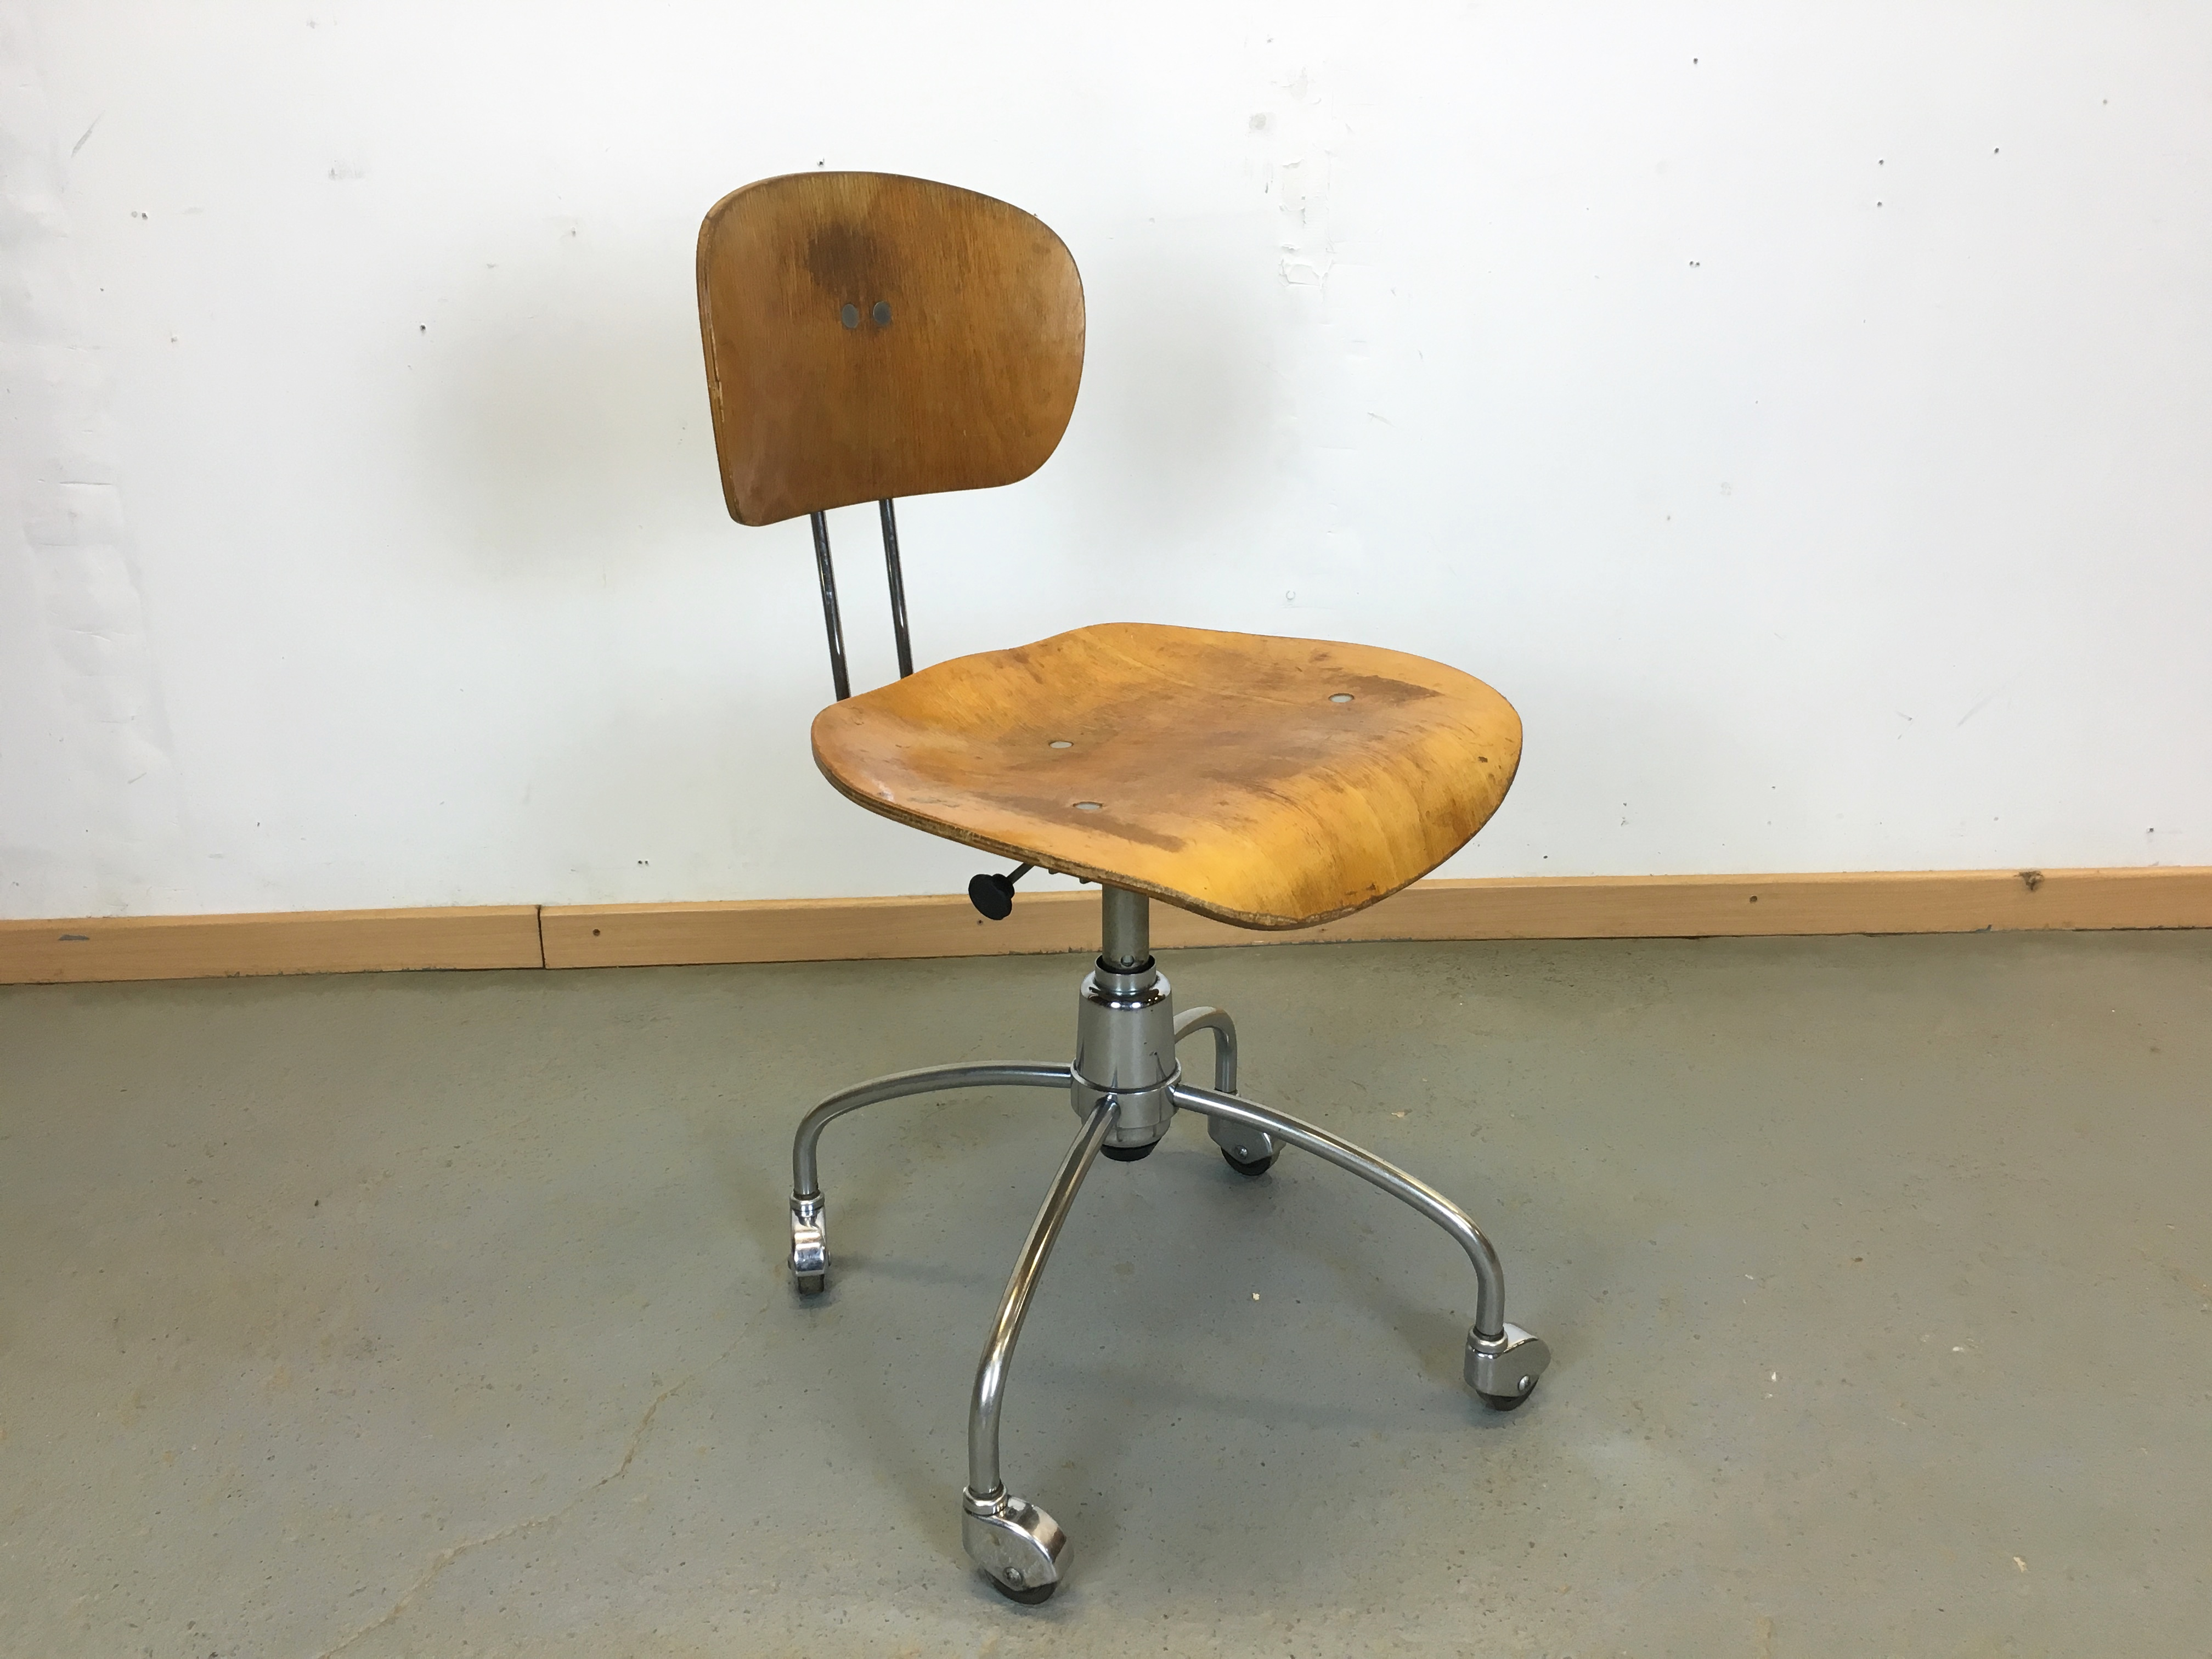 Chaise Année 7 vintage office chair SE 7 EGON EIERMANN